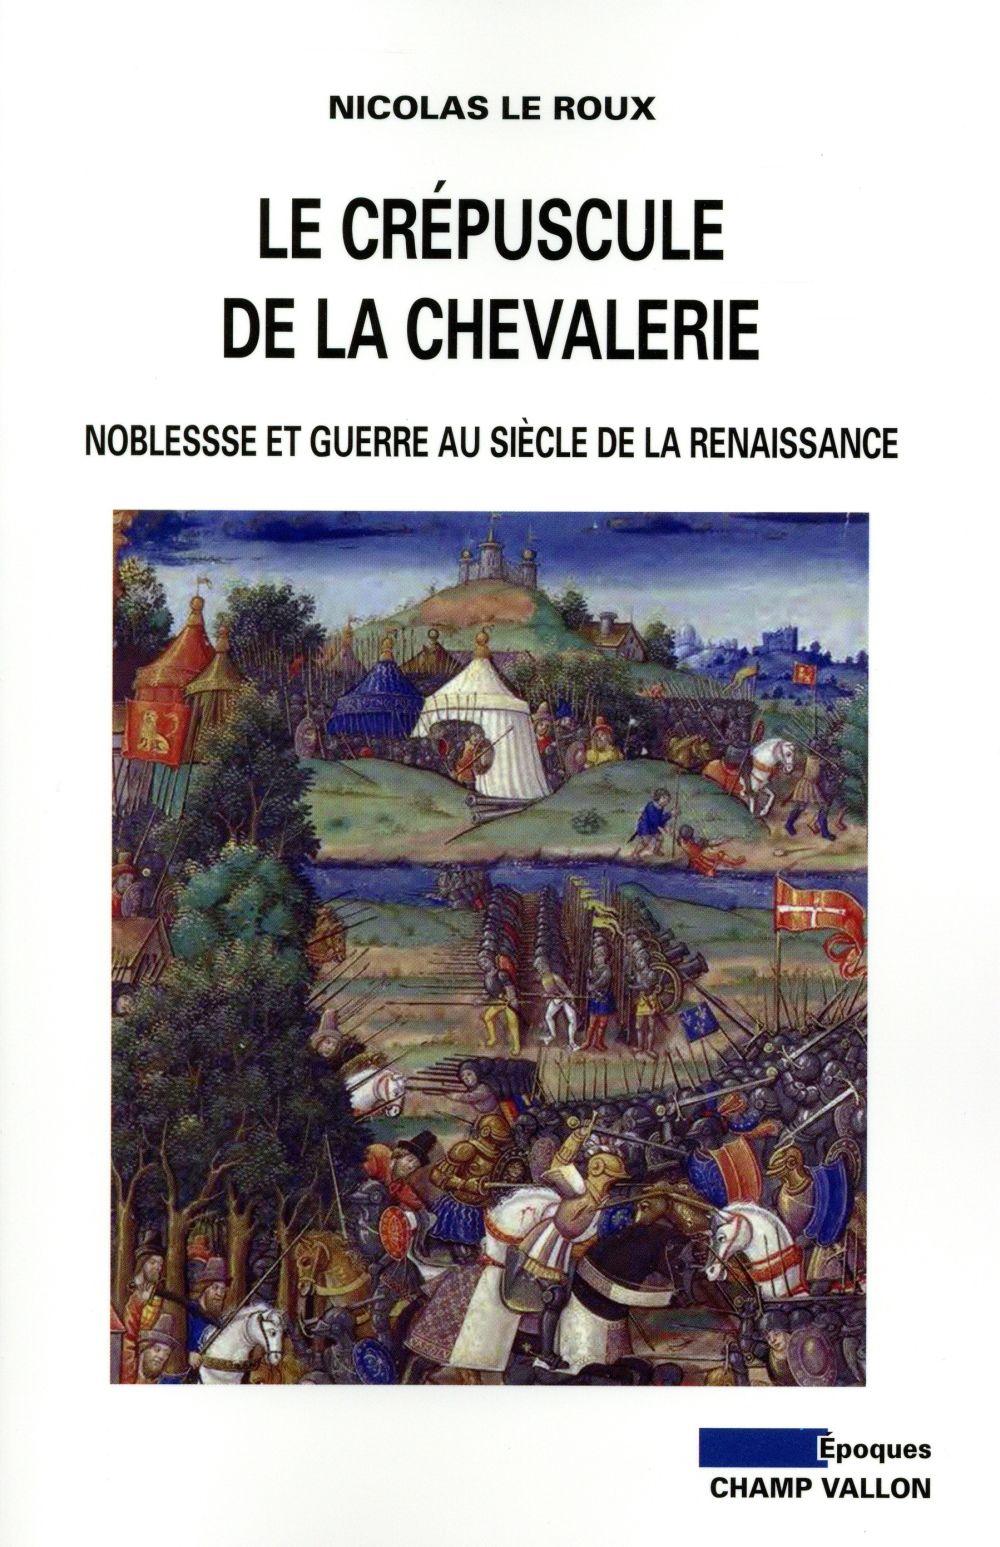 Le crépuscule de la chevalerie ; guerre et noblesse à la Renaissance